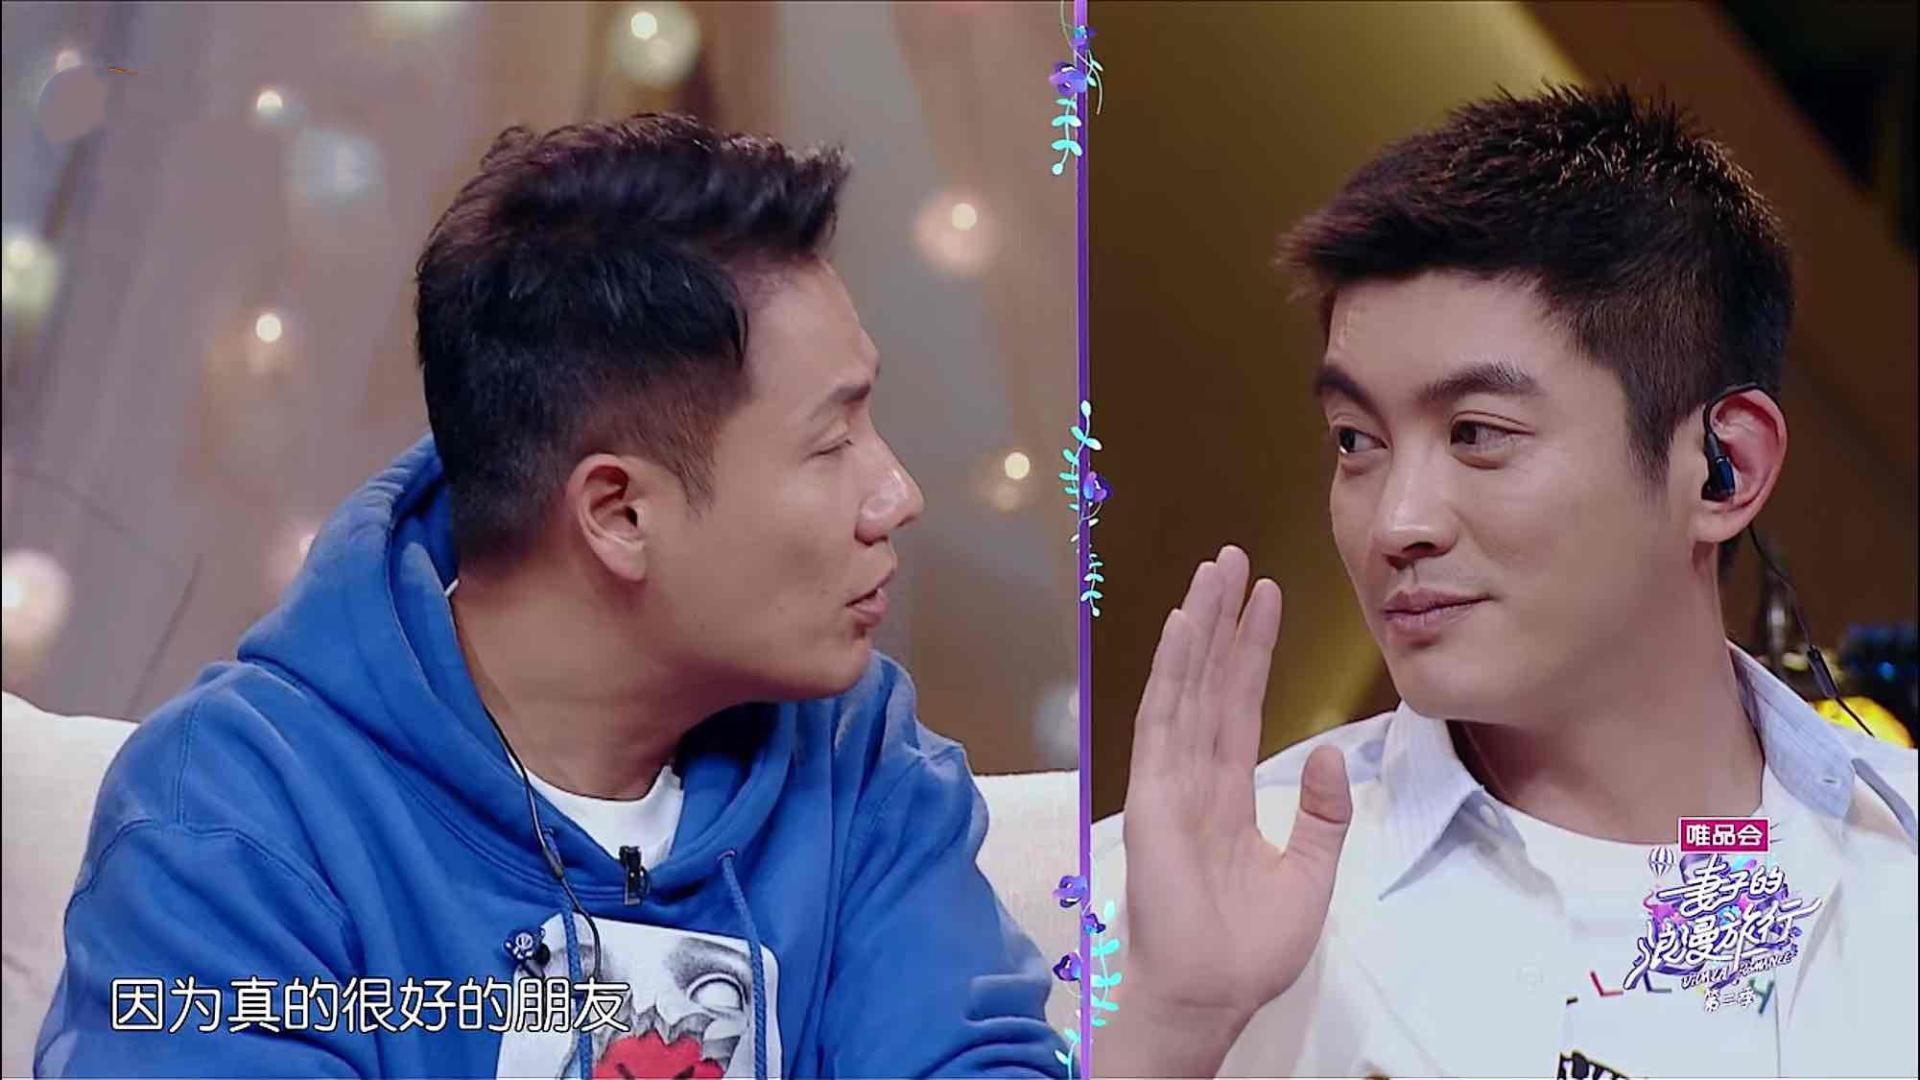 杜江间接承认早就知道陈赫要出事, 画风完全偏了 妻子的浪漫旅行: